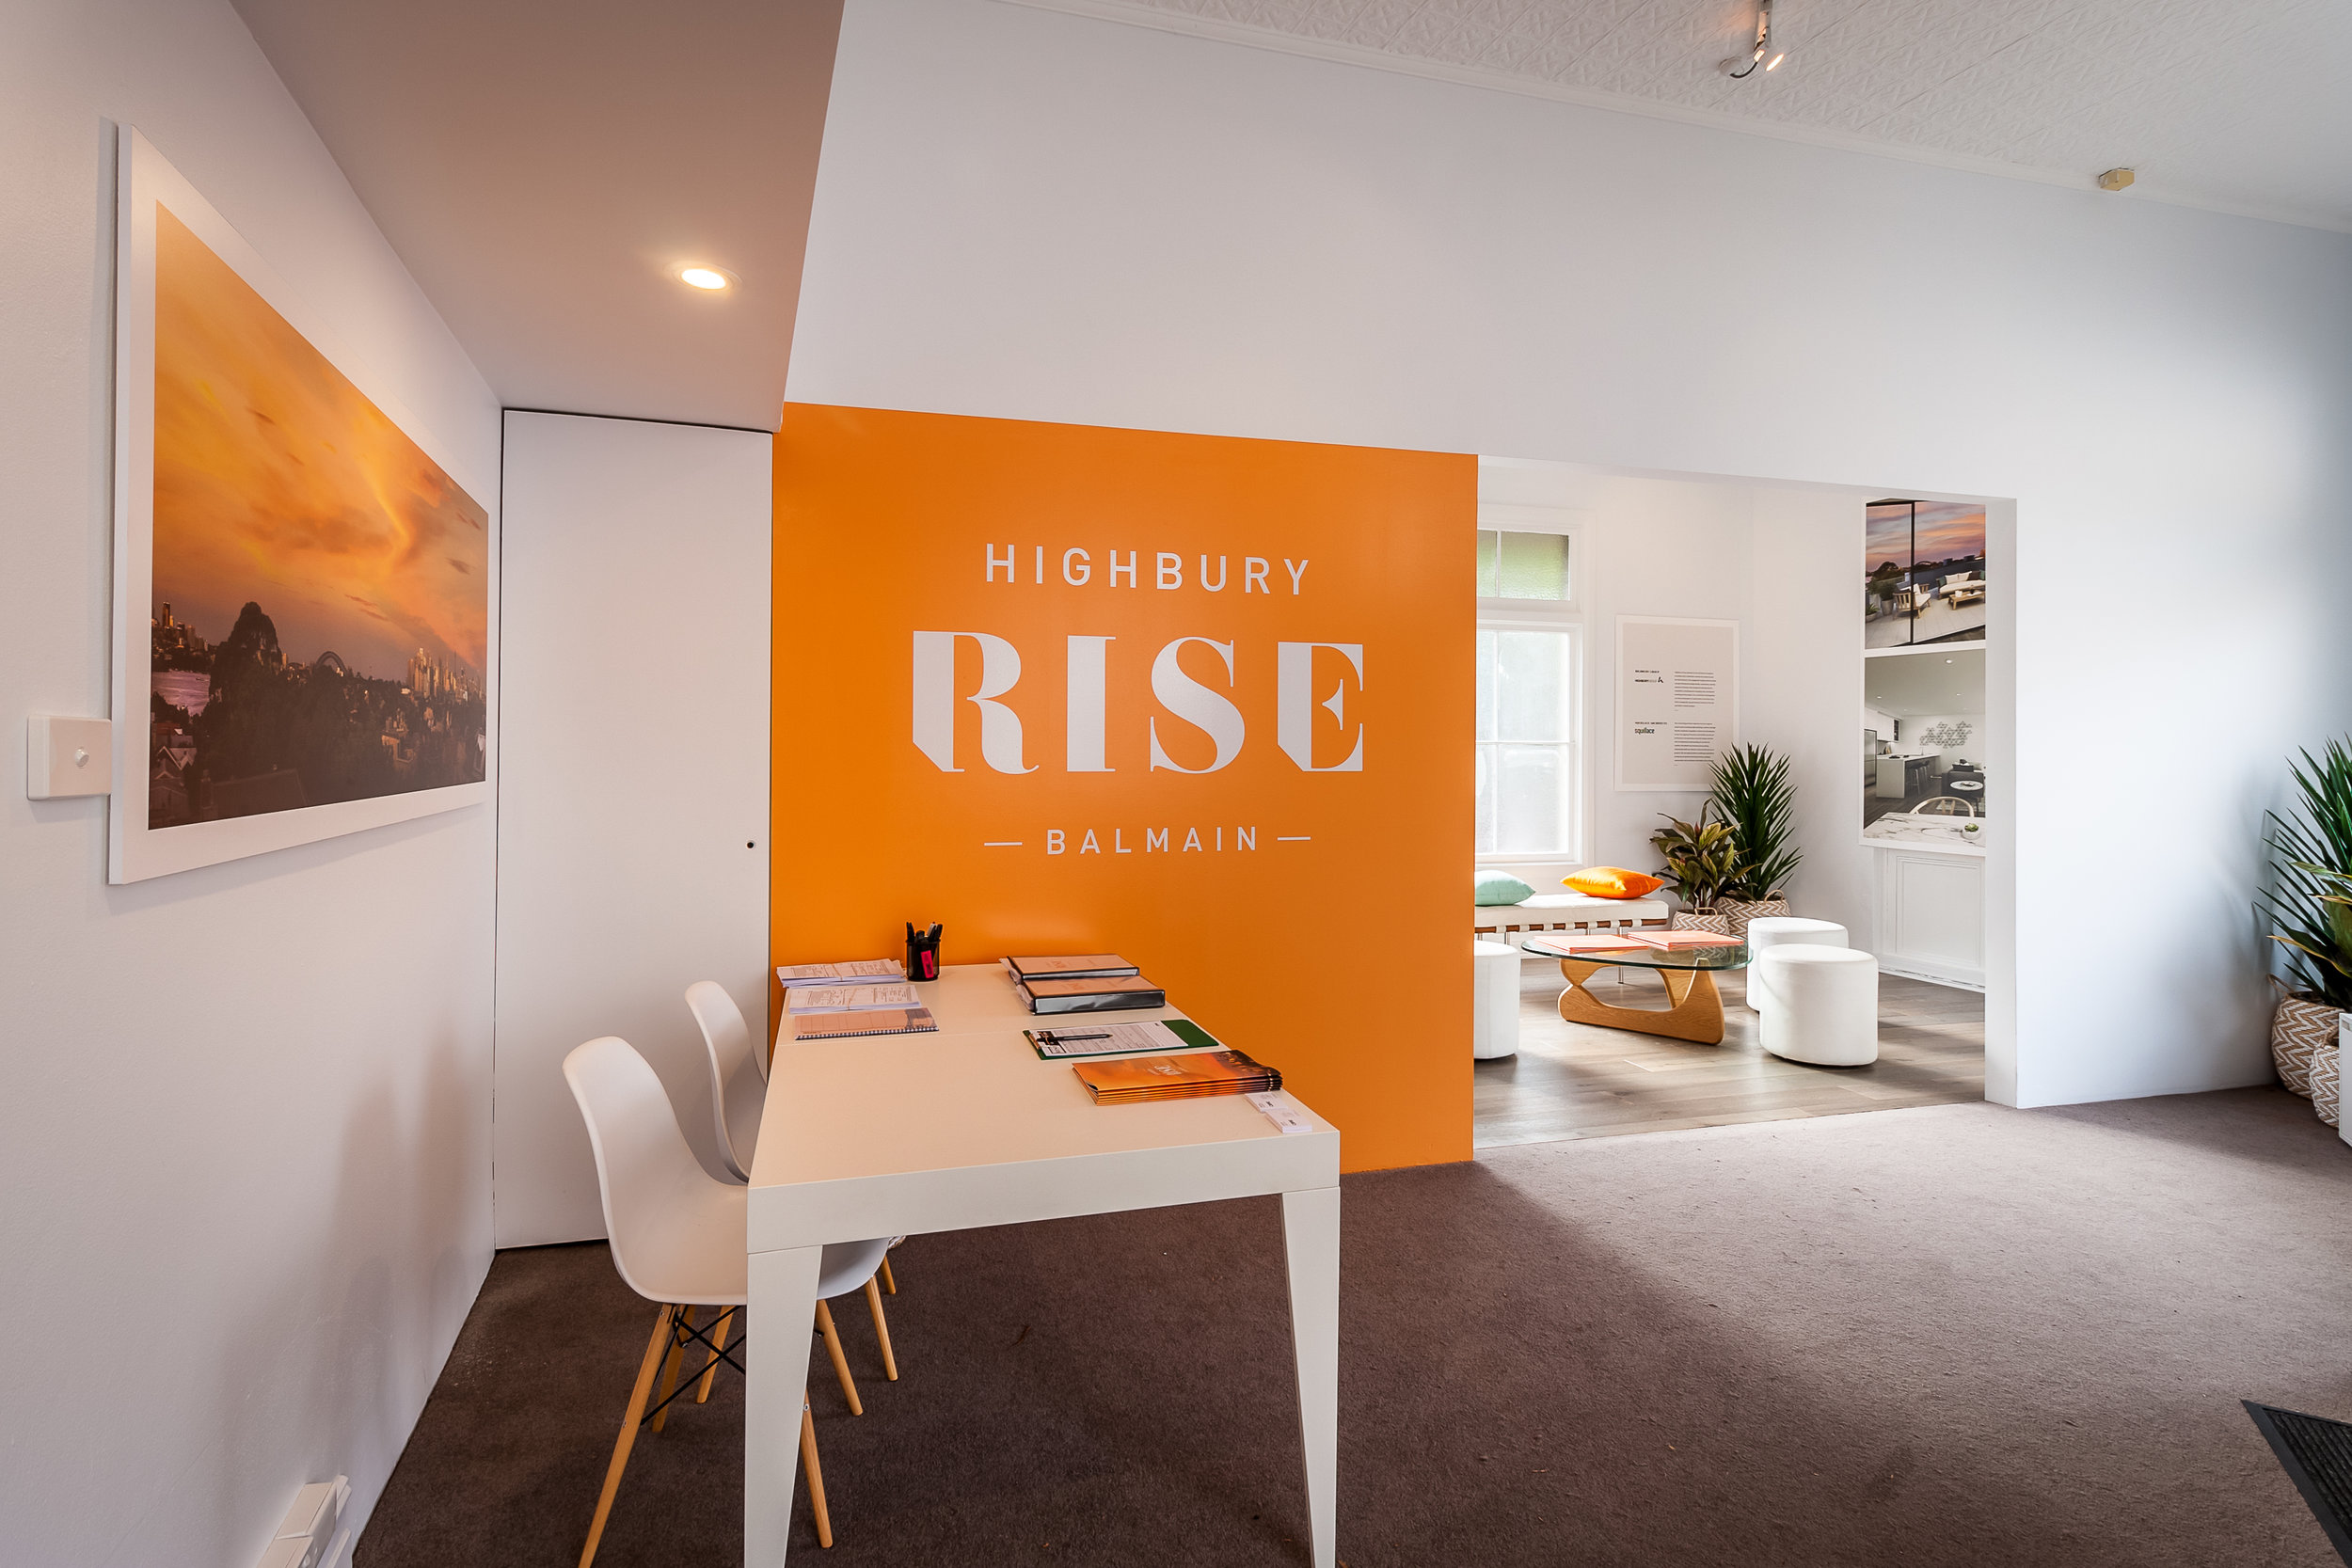 Designsuite_Highbury Rise-.jpg